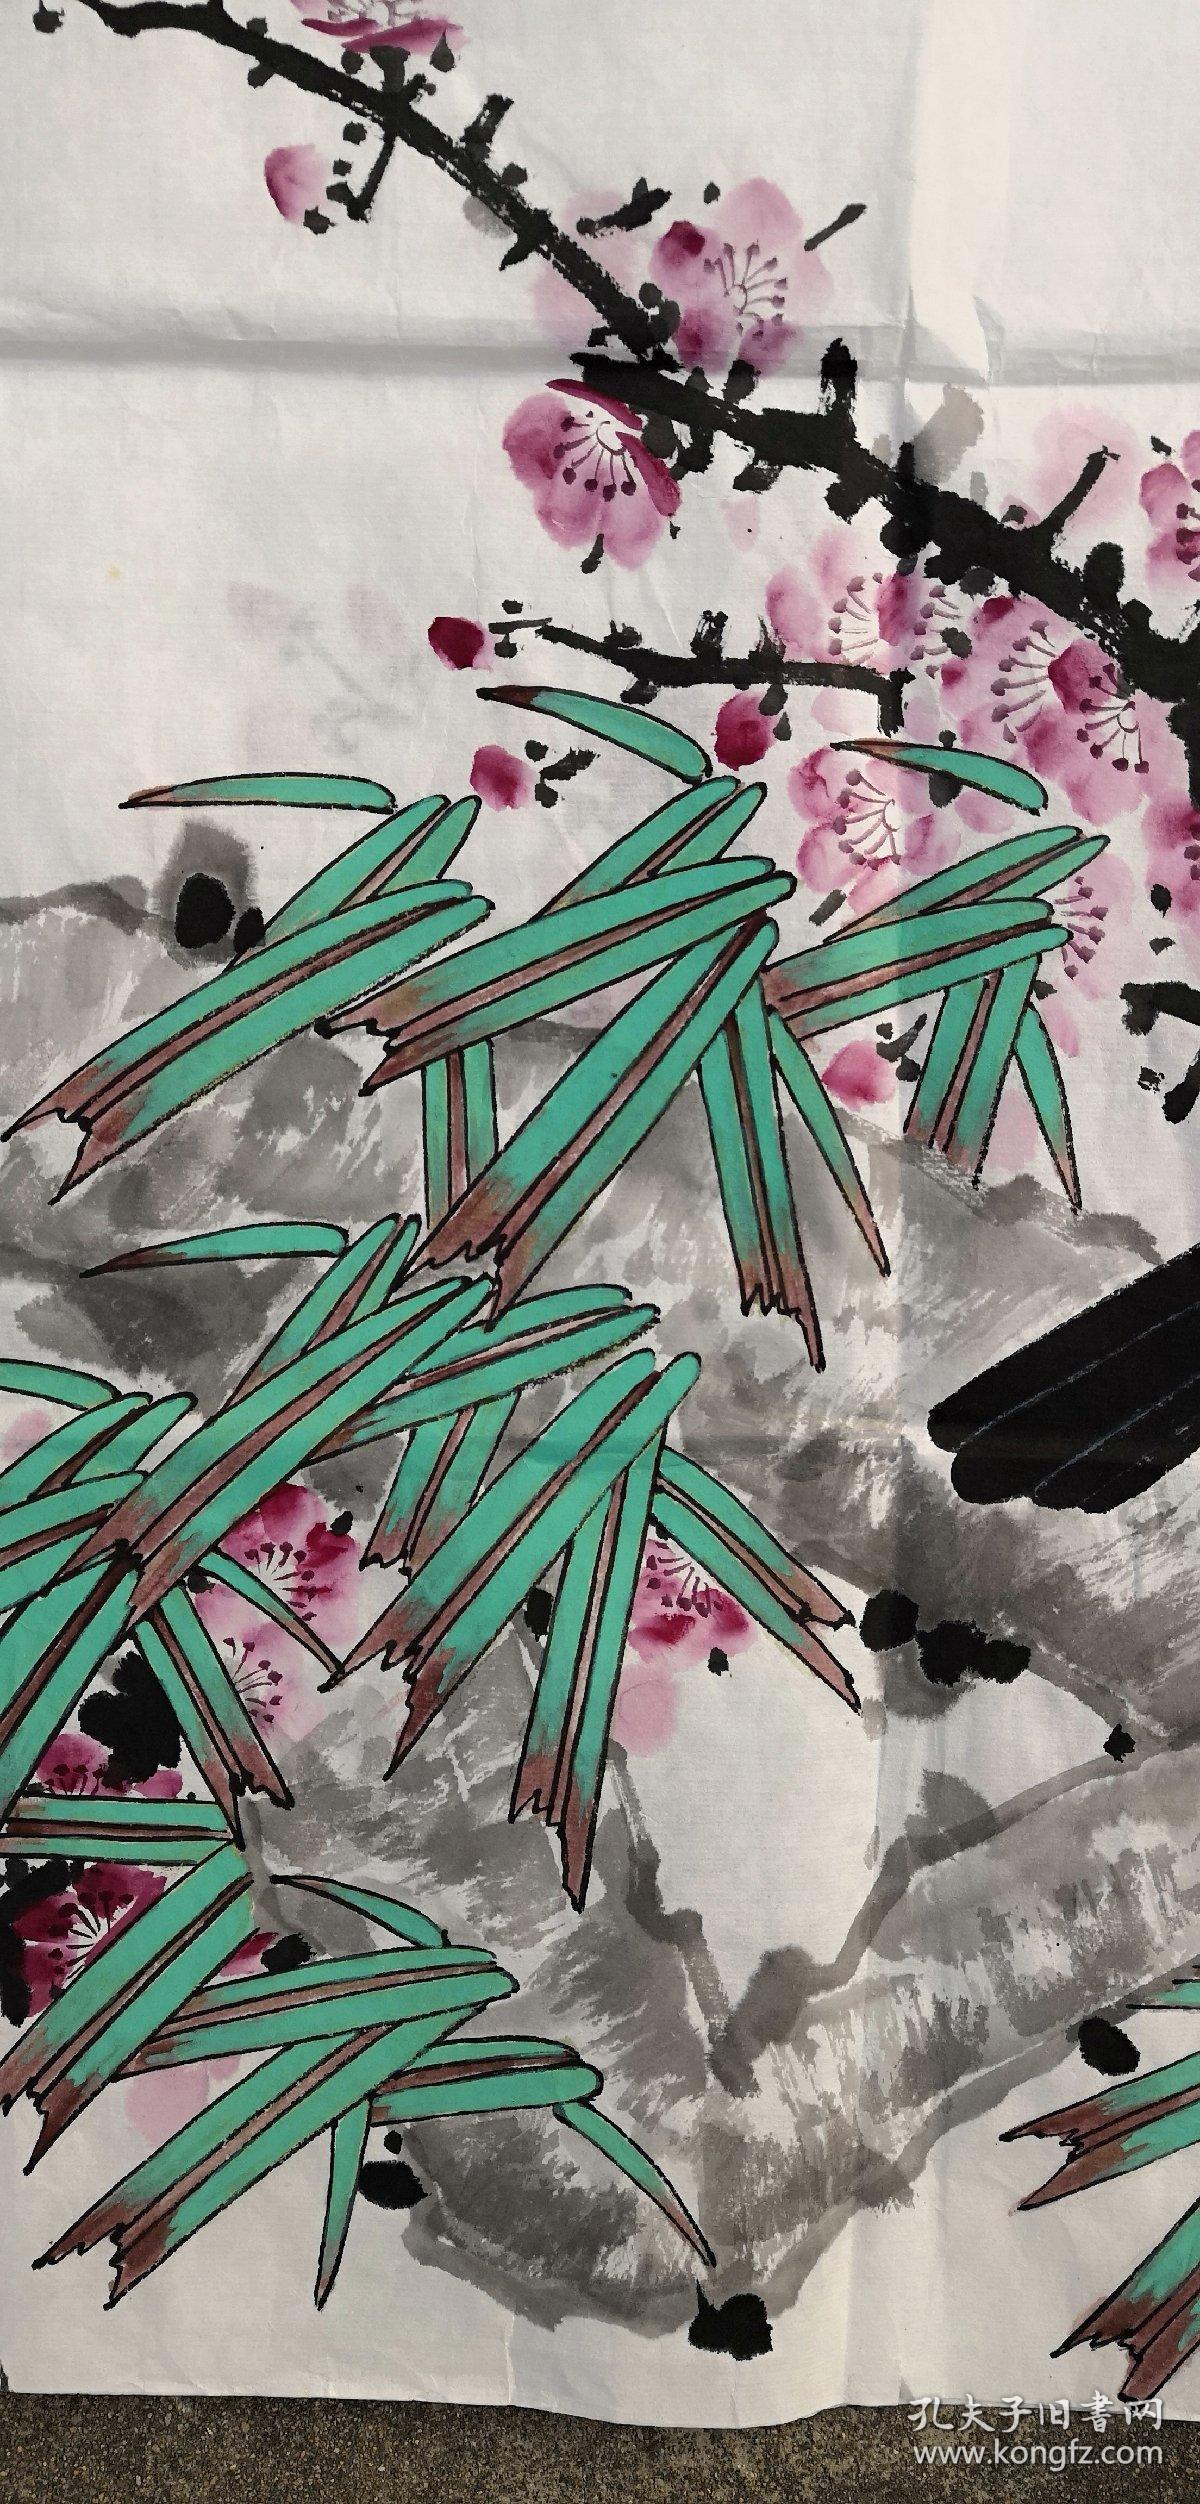 安徽著名老画家……68*137……梅鹊图……之一图片